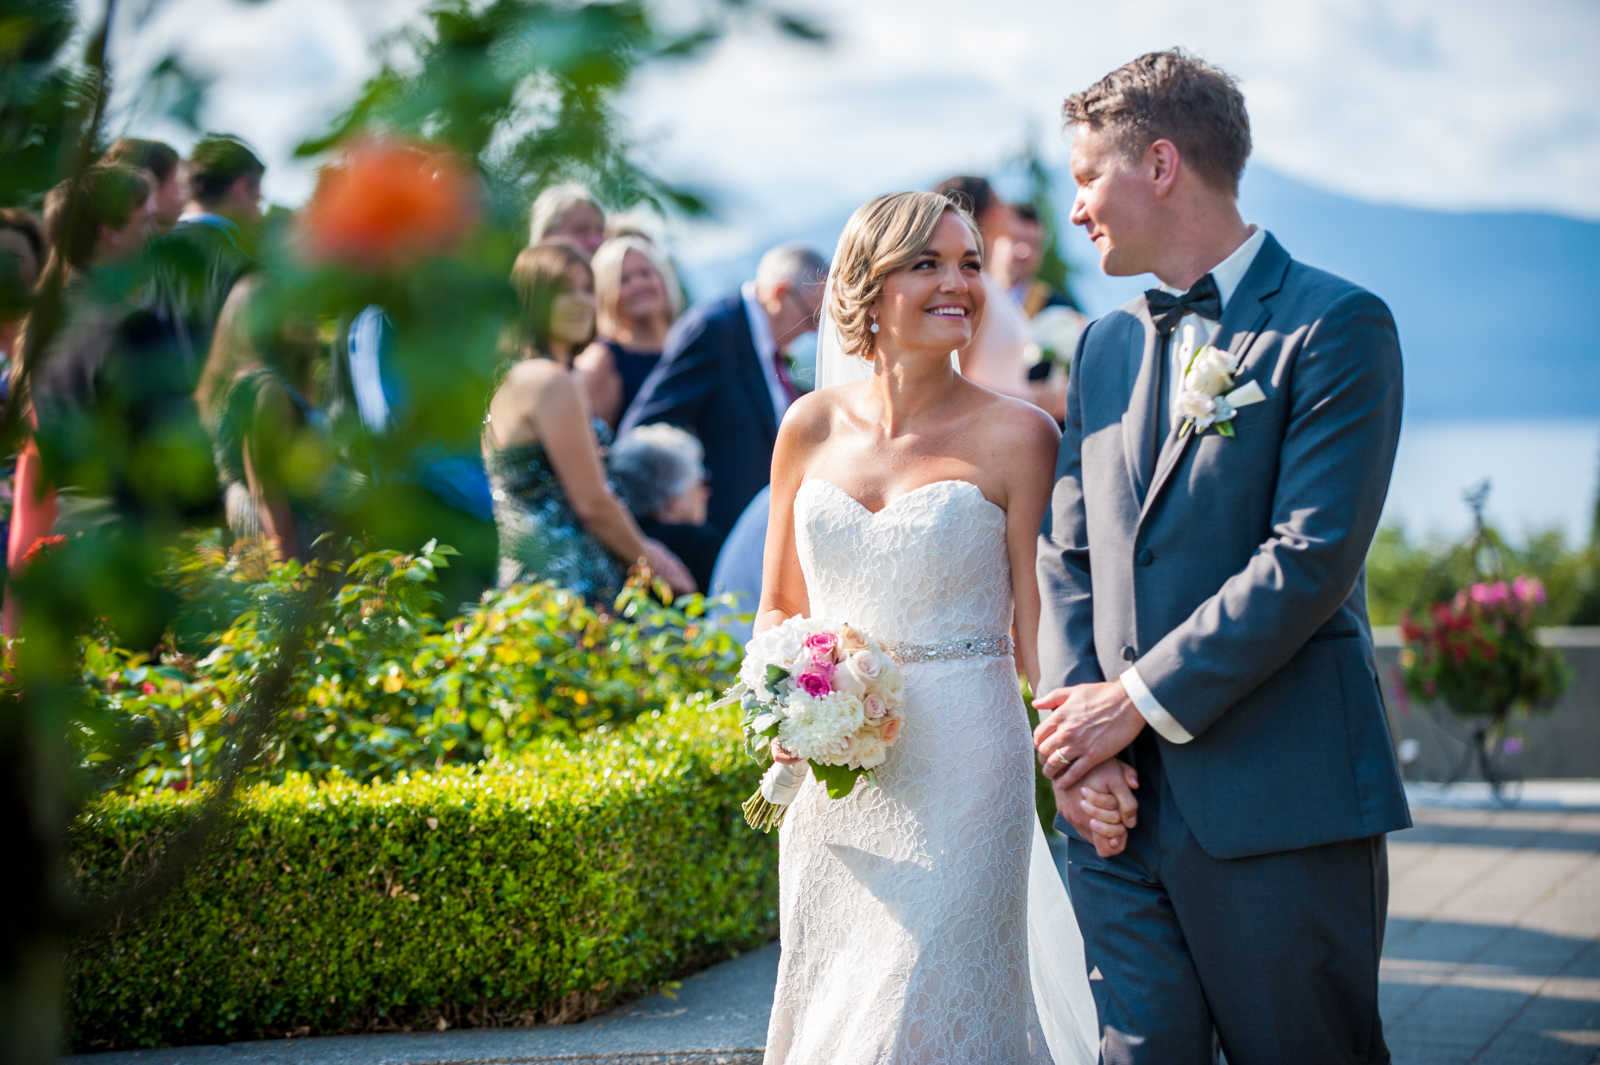 victoria-wedding-photographers-ubc-rose-garden-sage-bistro-wedding-34.jpg